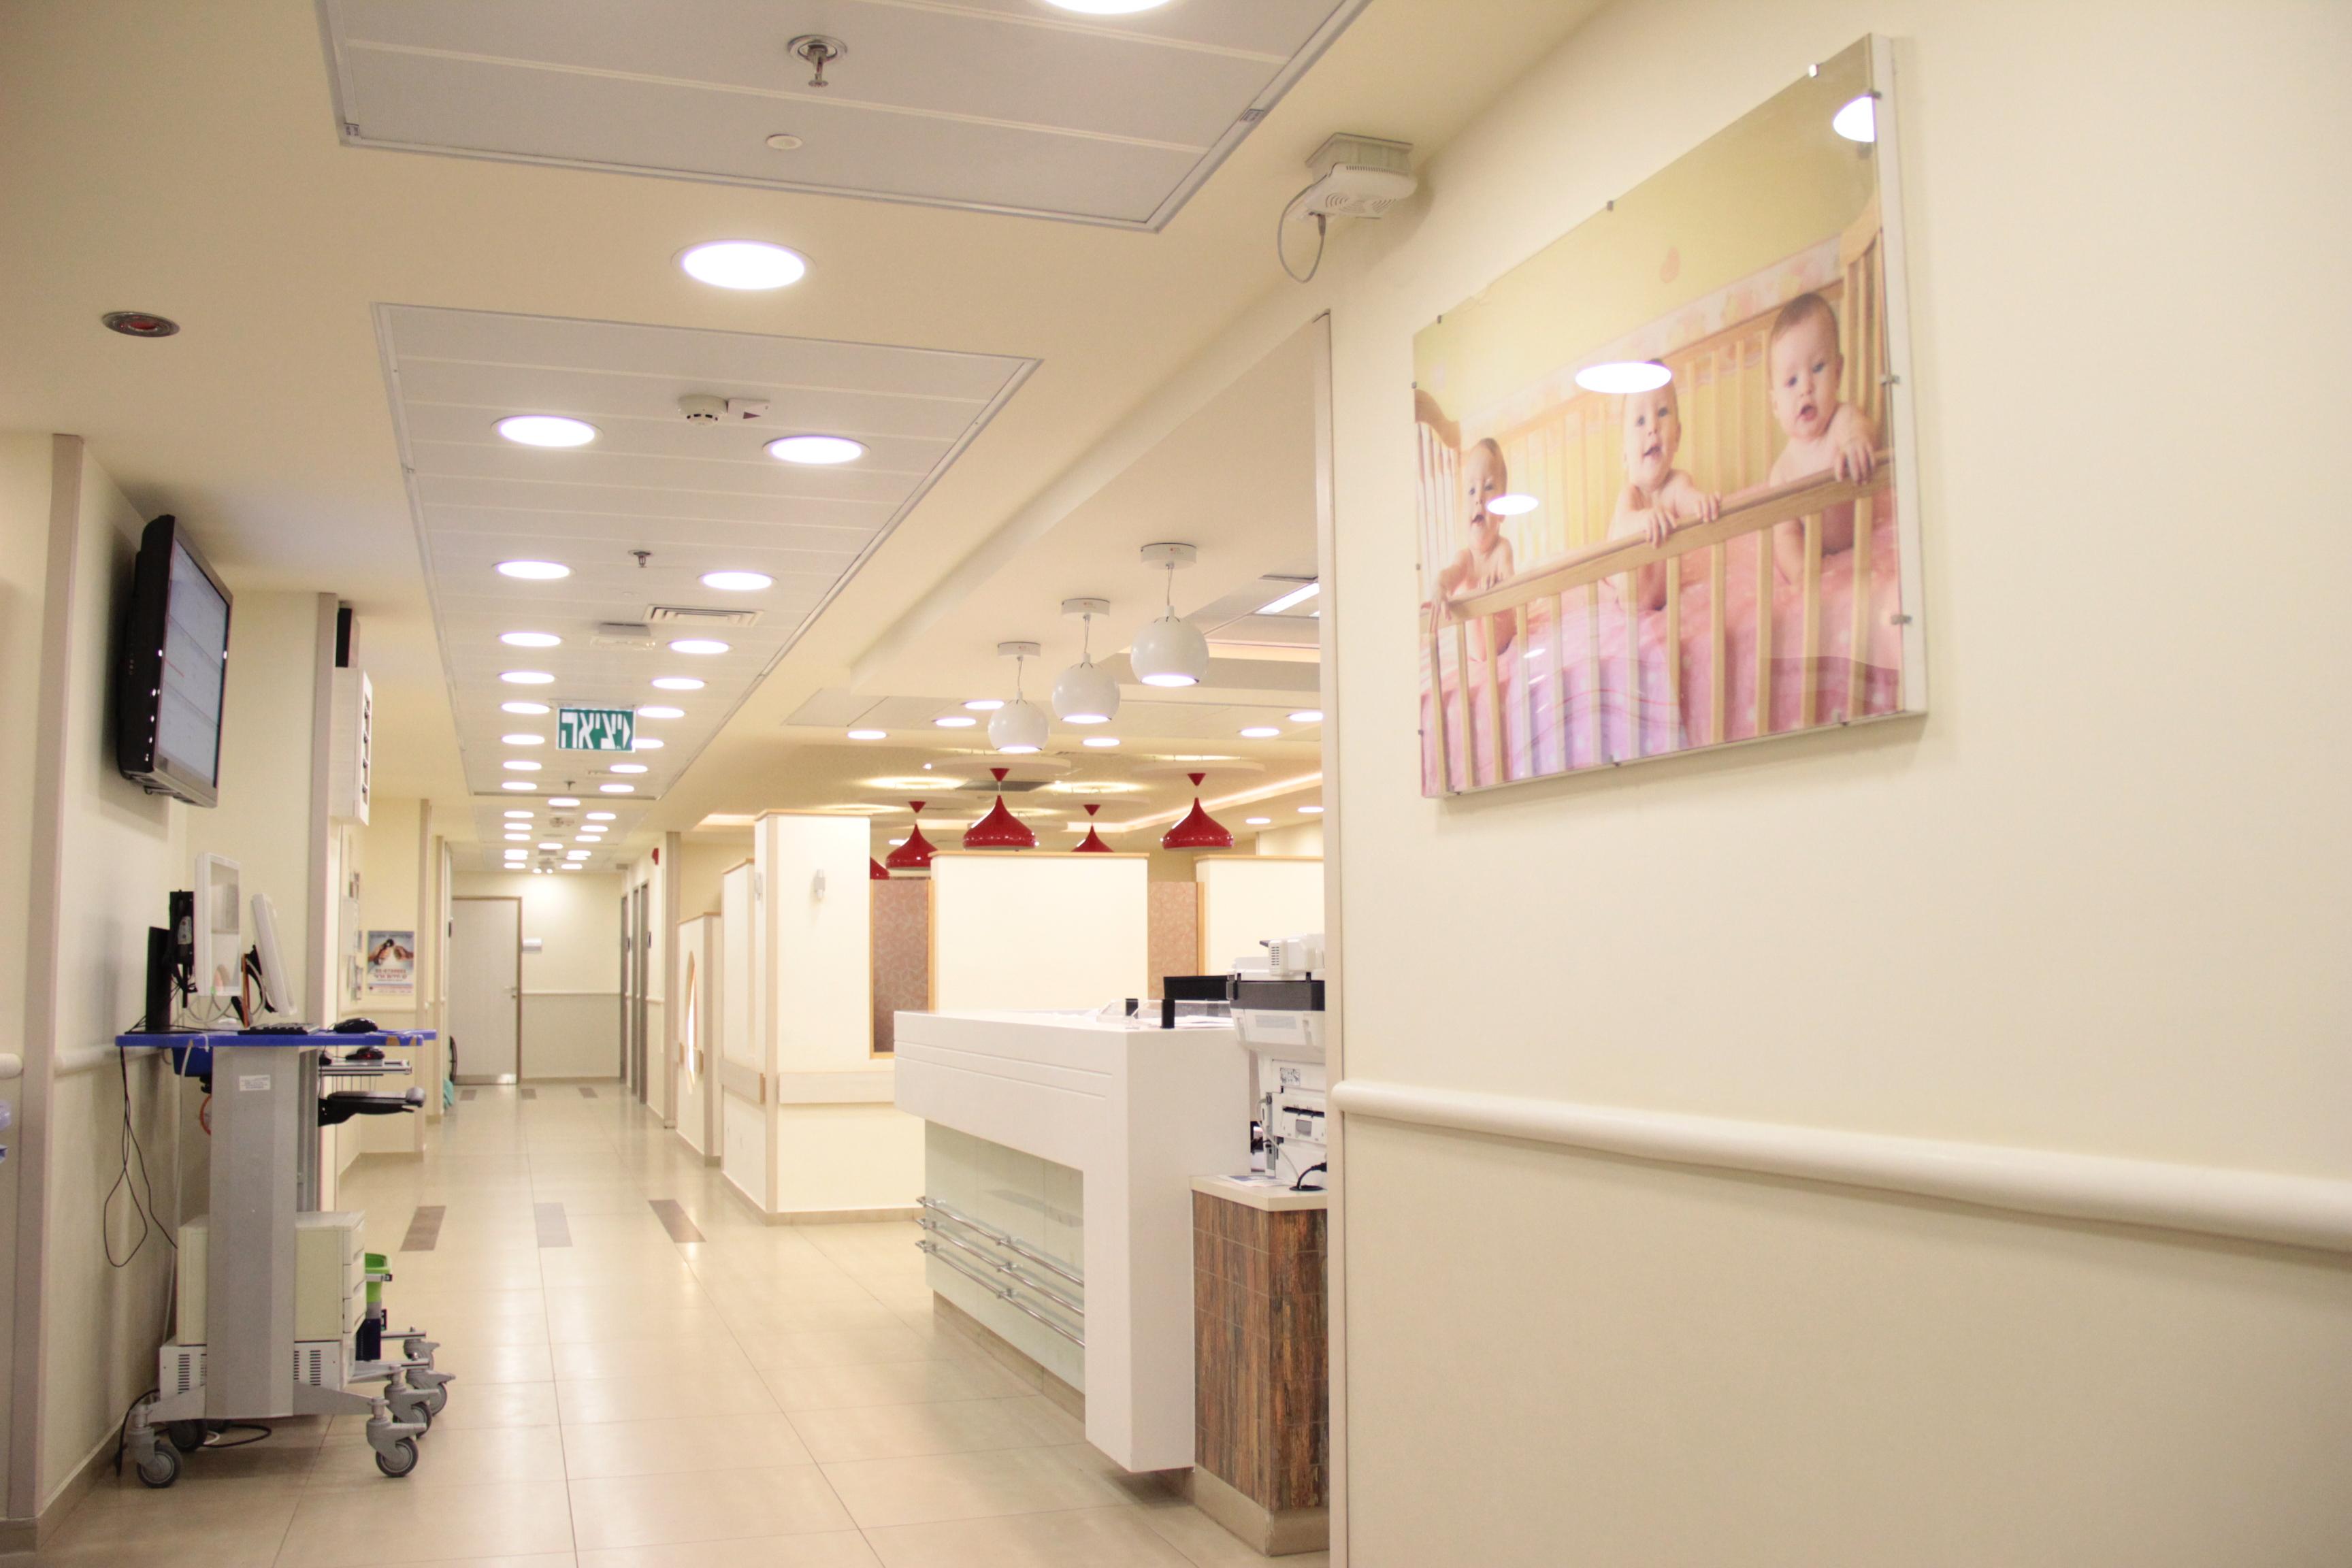 מסדרון בית חולים | אילוסטרציה